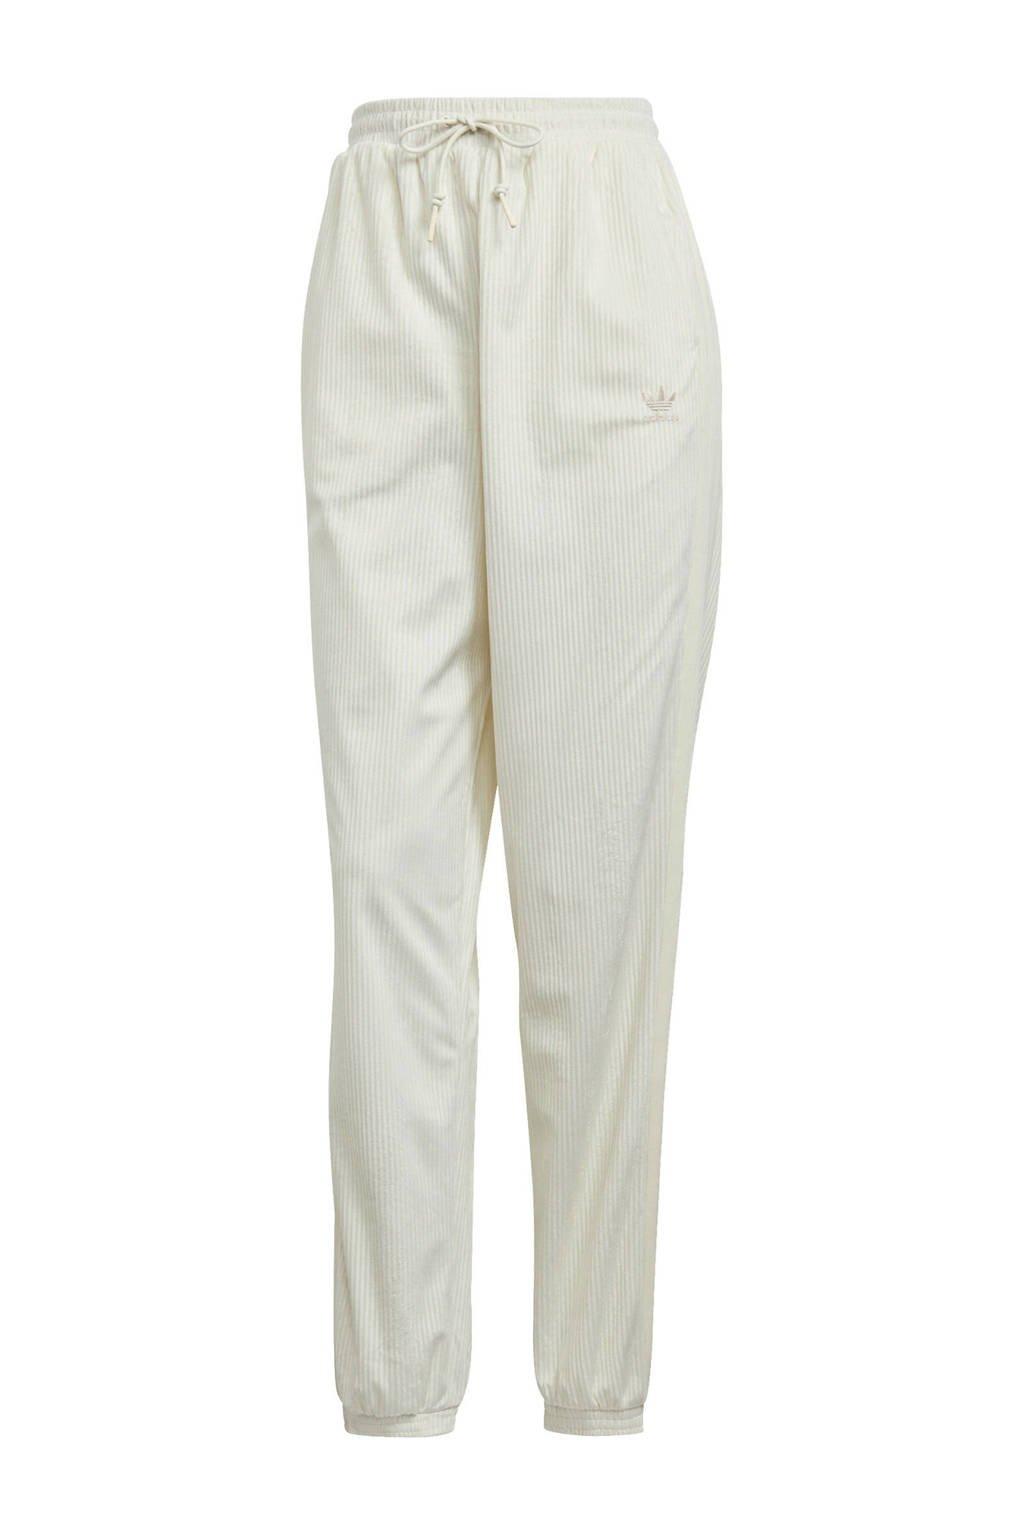 adidas Originals Corduroy joggingbroek gebroken wit, Crème